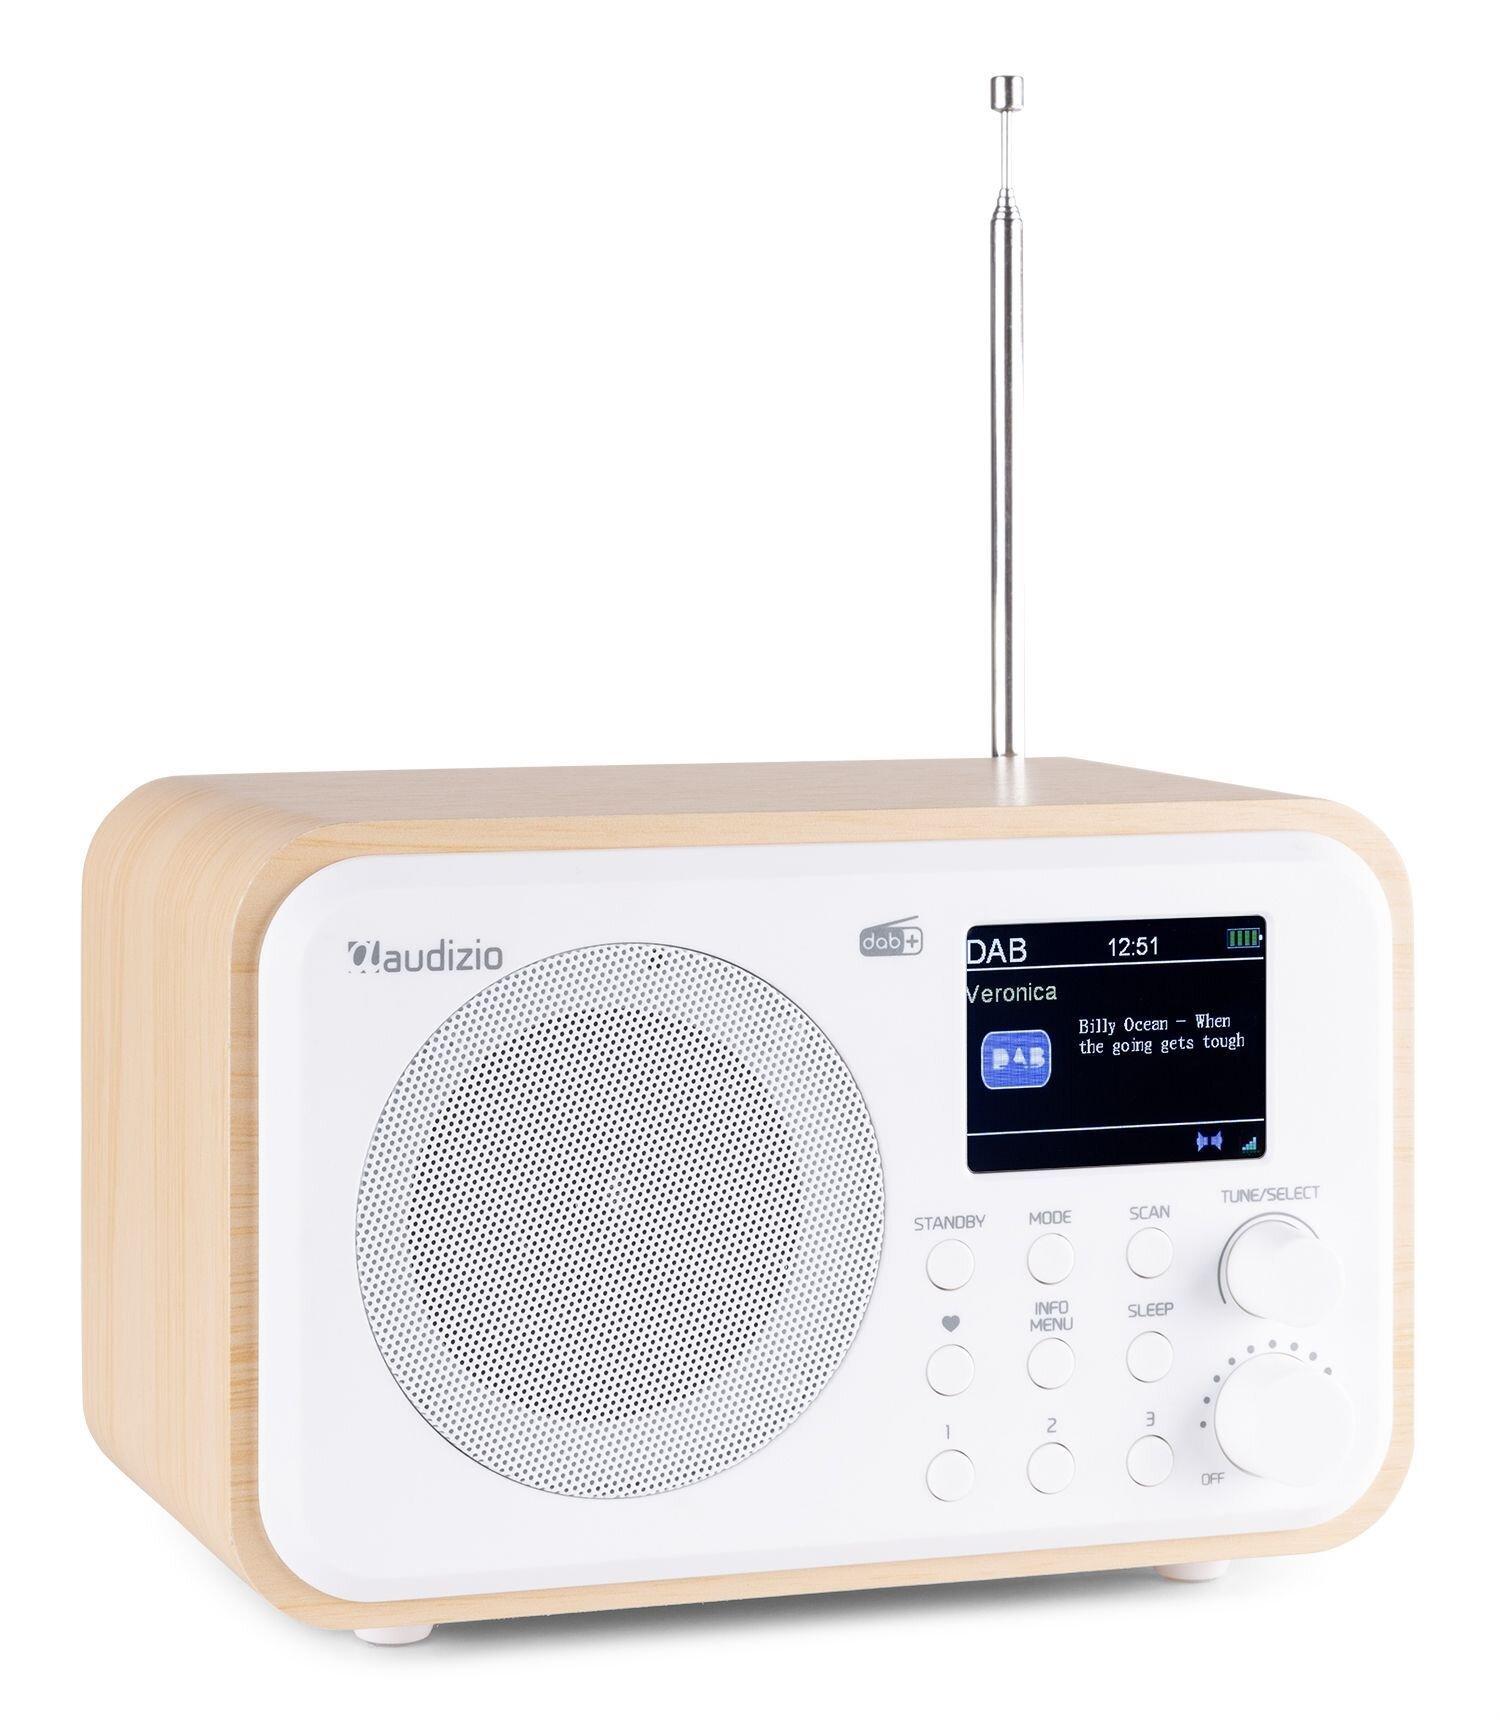 Audizio Milan bärbar DAB-radio med Bluetooth, FM-radio och batteri - vit färgad